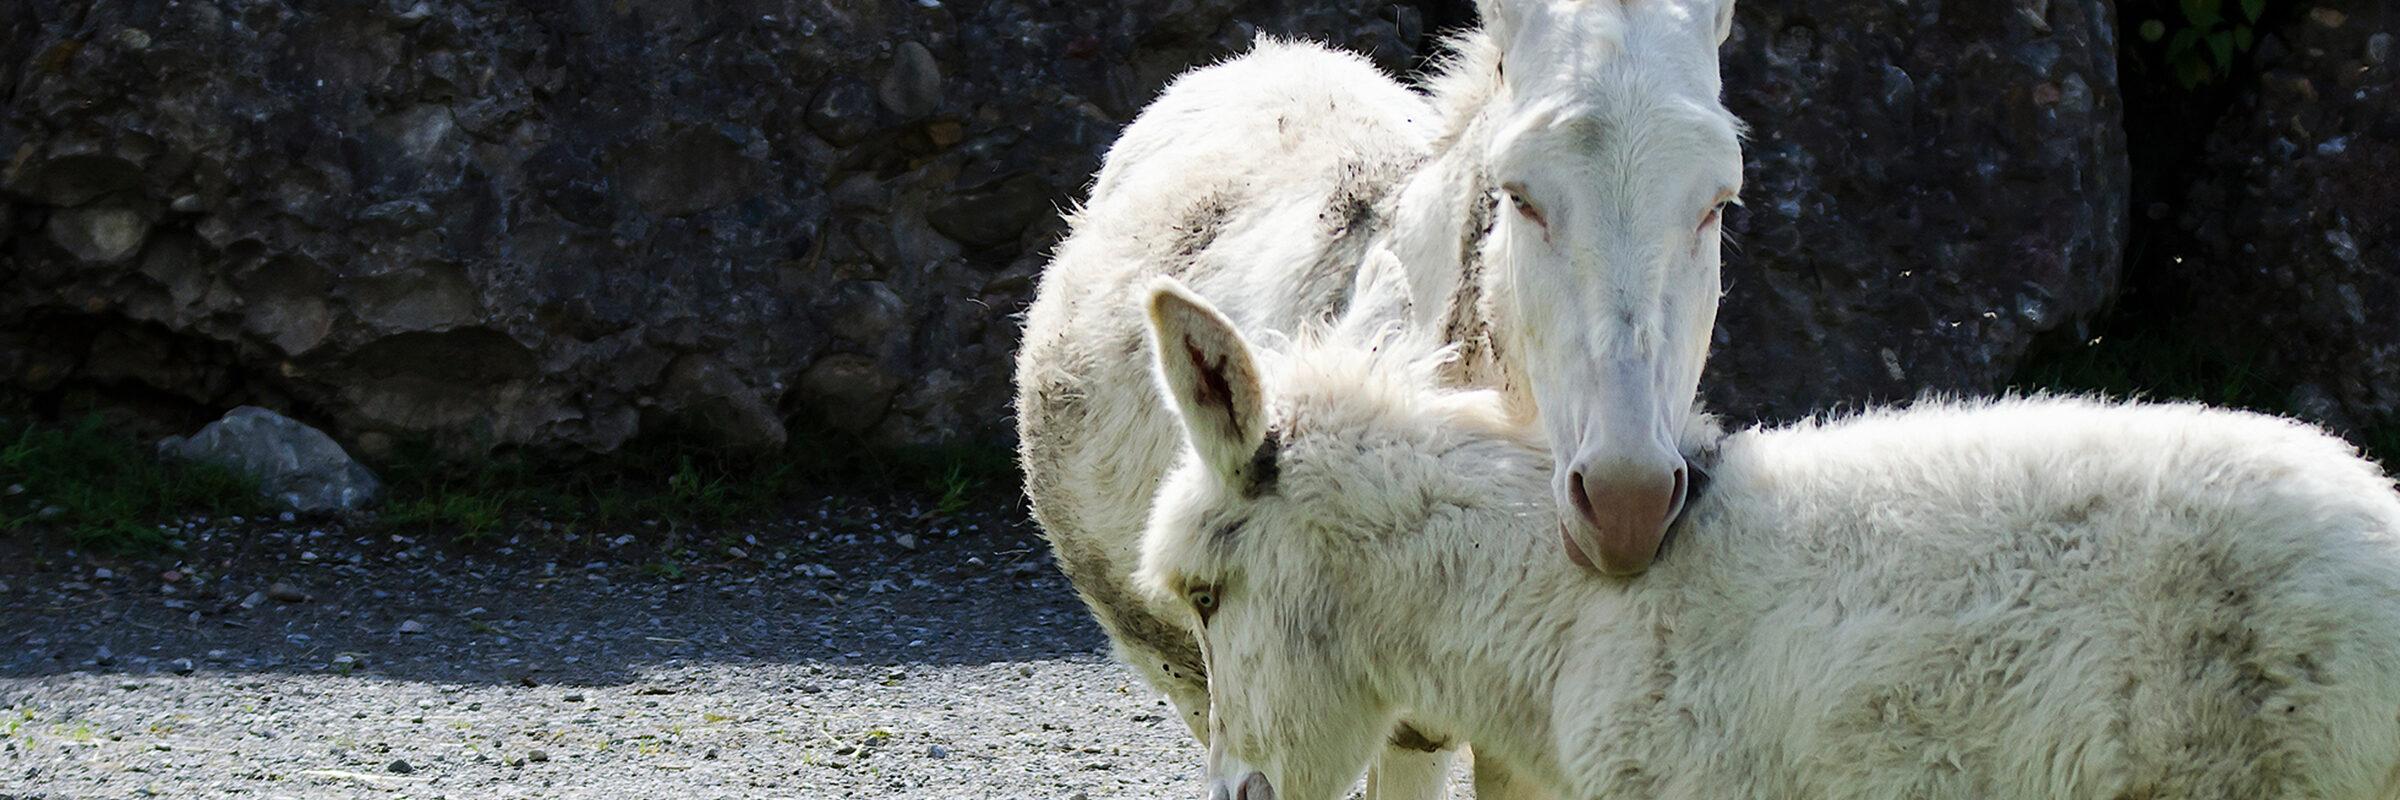 Weisser Barock-Esel